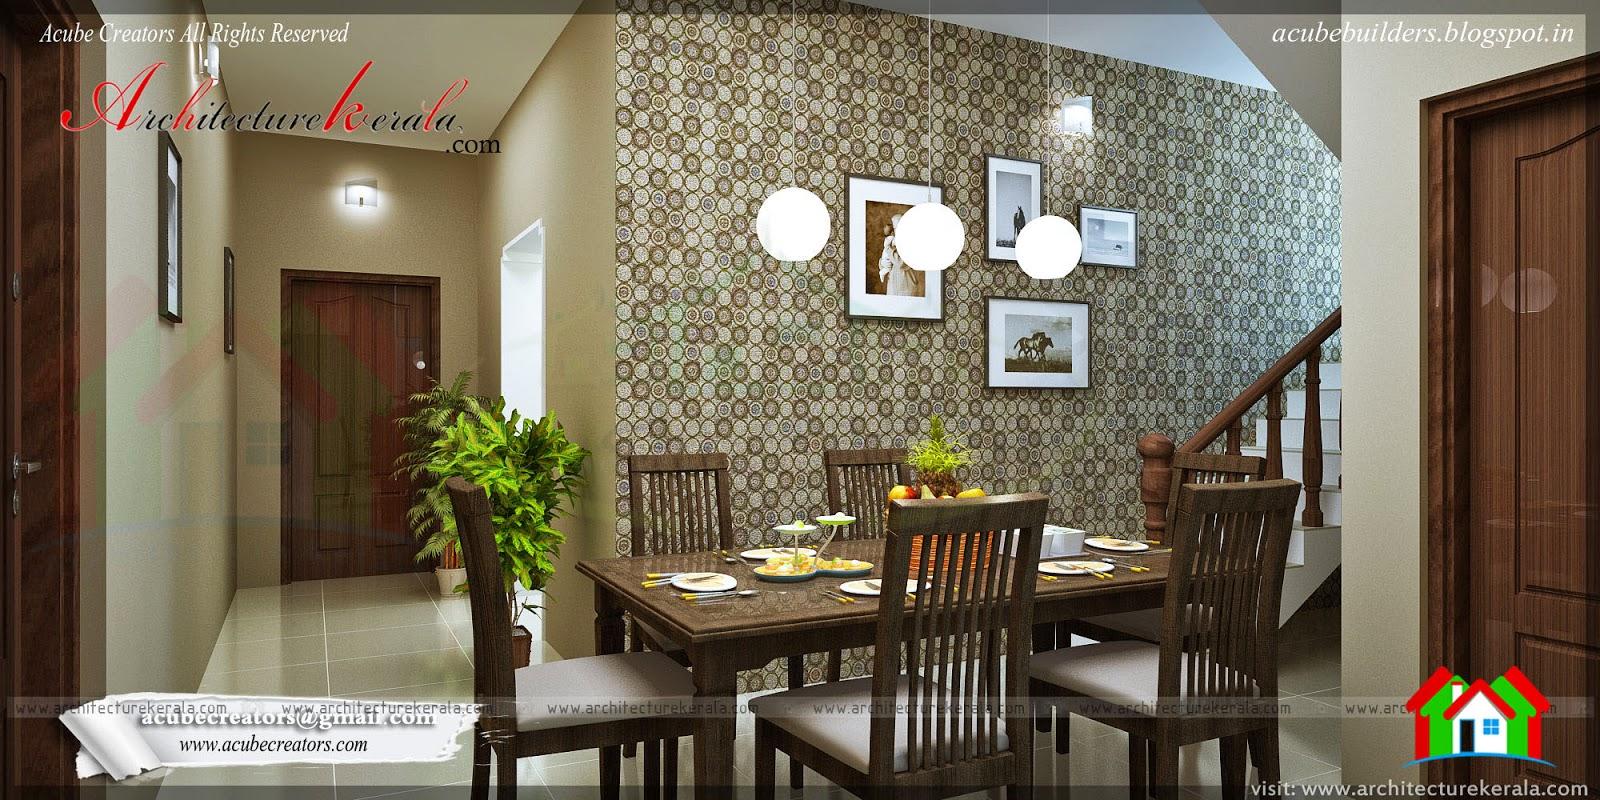 DINING ROOM INTERIOR DESIGN ARCHITECTURE KERALA